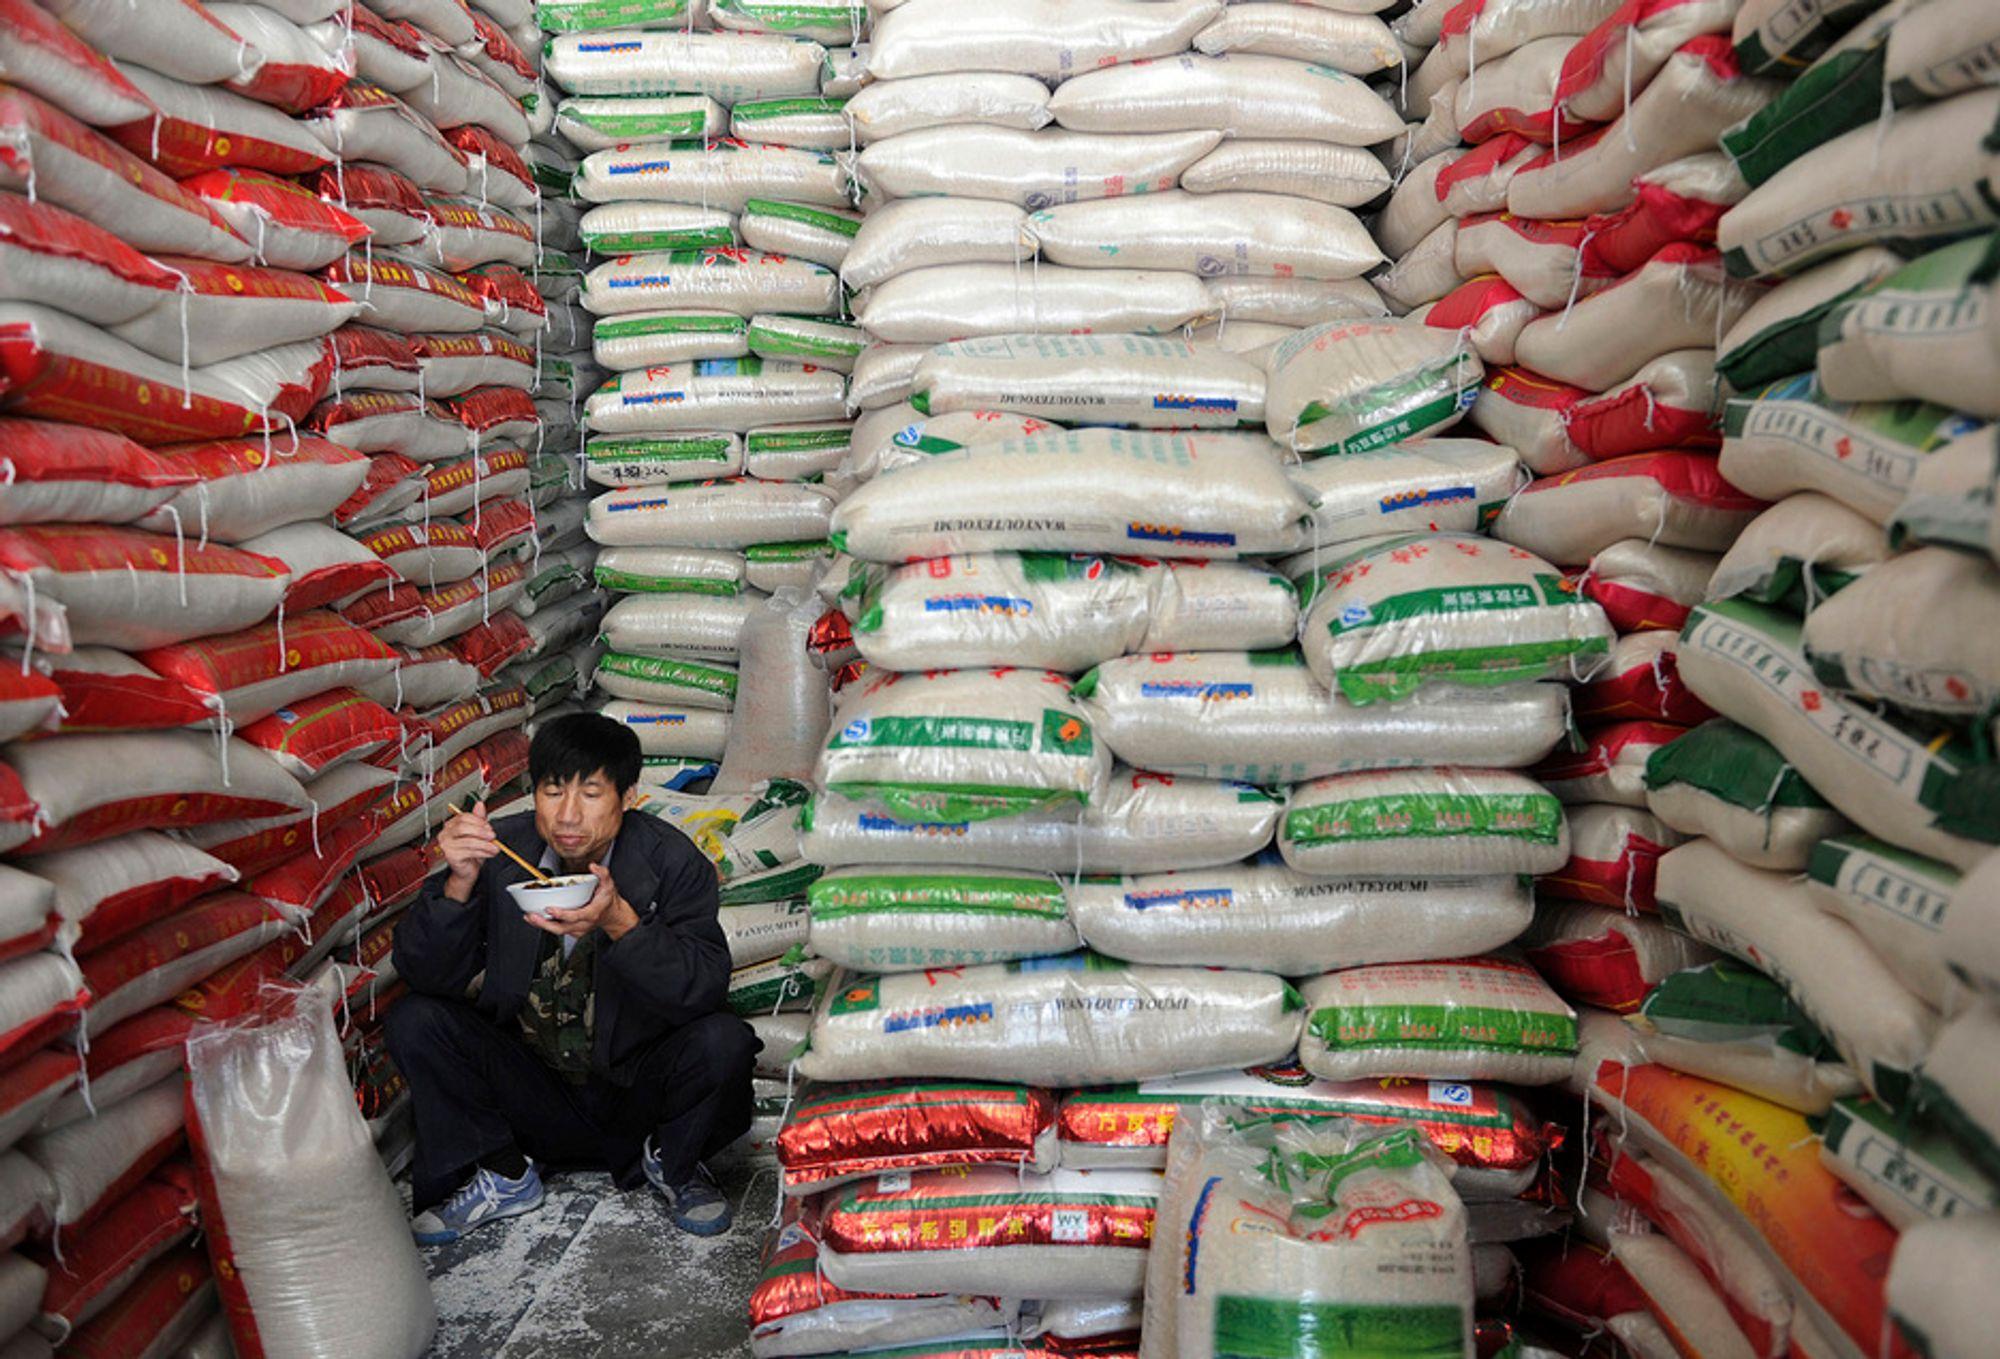 En risselger tar seg en matbit på jobben i Heifei i Anhui-provinsen øst i Kina. Rundt en tidel av rismarkene og de andre jordbruksområdene i Kina er forgiftet av farlige tungmetaller, opplyste talsmenn for regjeringen i Beijing mandag. Forurensingen skyldes blant annet utslipp fra industrien og ulovlig bruk av giftig kunstgjødsel, het det i meldinger i statlige kinesiske medier.